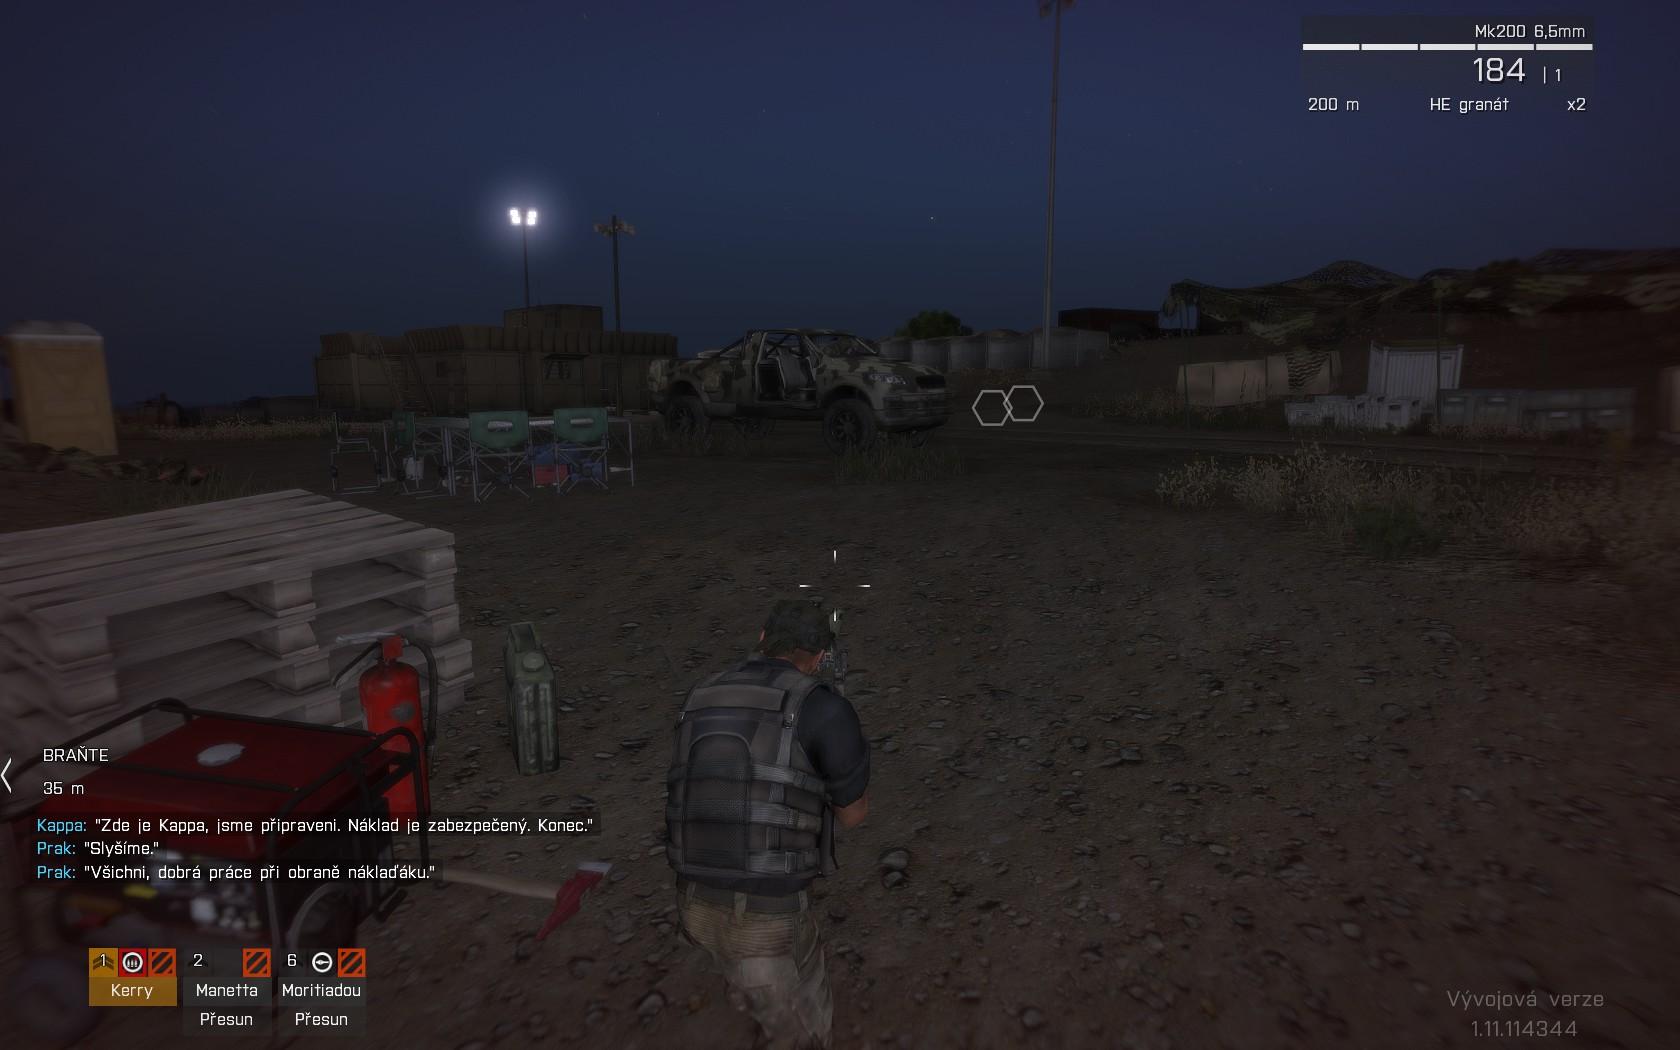 Nové screenshoty připomínají zítřejší vydání druhé části kampaně Army 3 91952